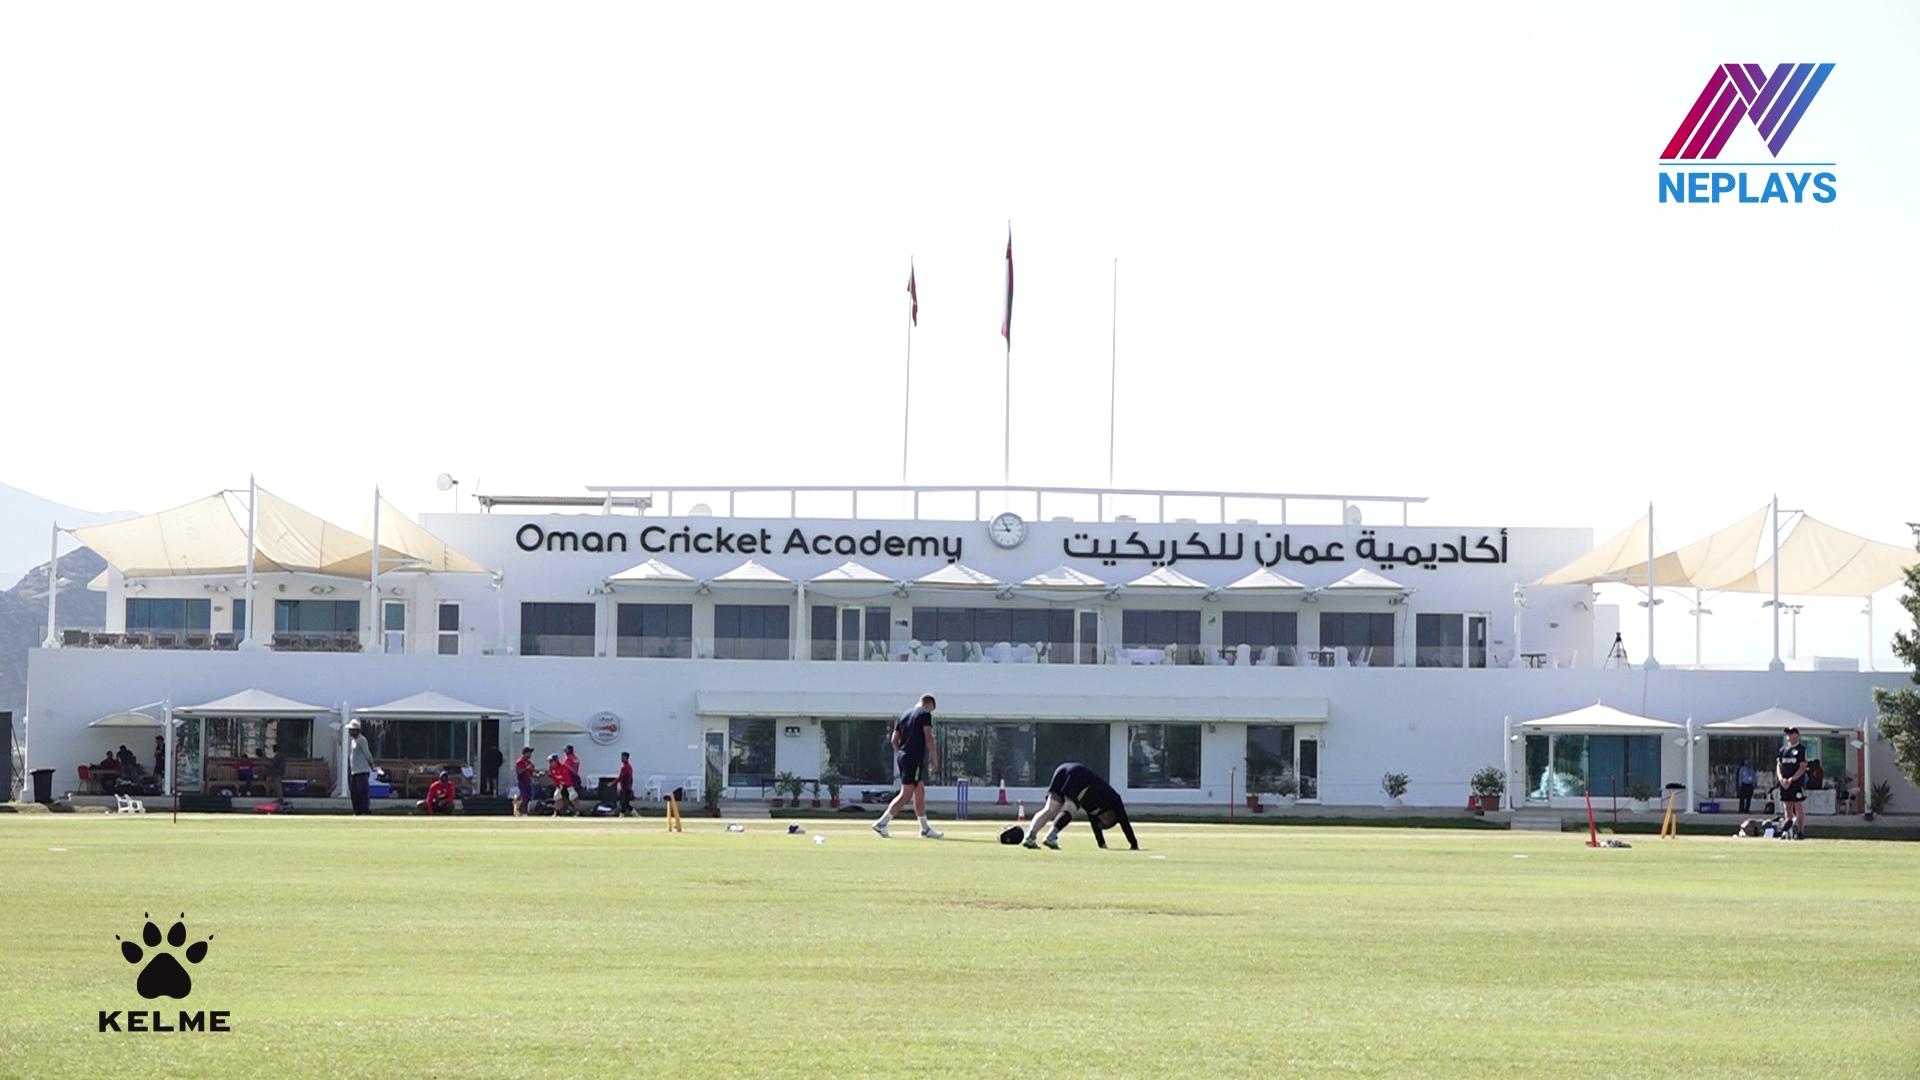 ५ बर्षमा क्रिकेट पुर्वाधारकाे काँचुली फेरेकाे ओमान, गरे सकिदाे रहेछ !